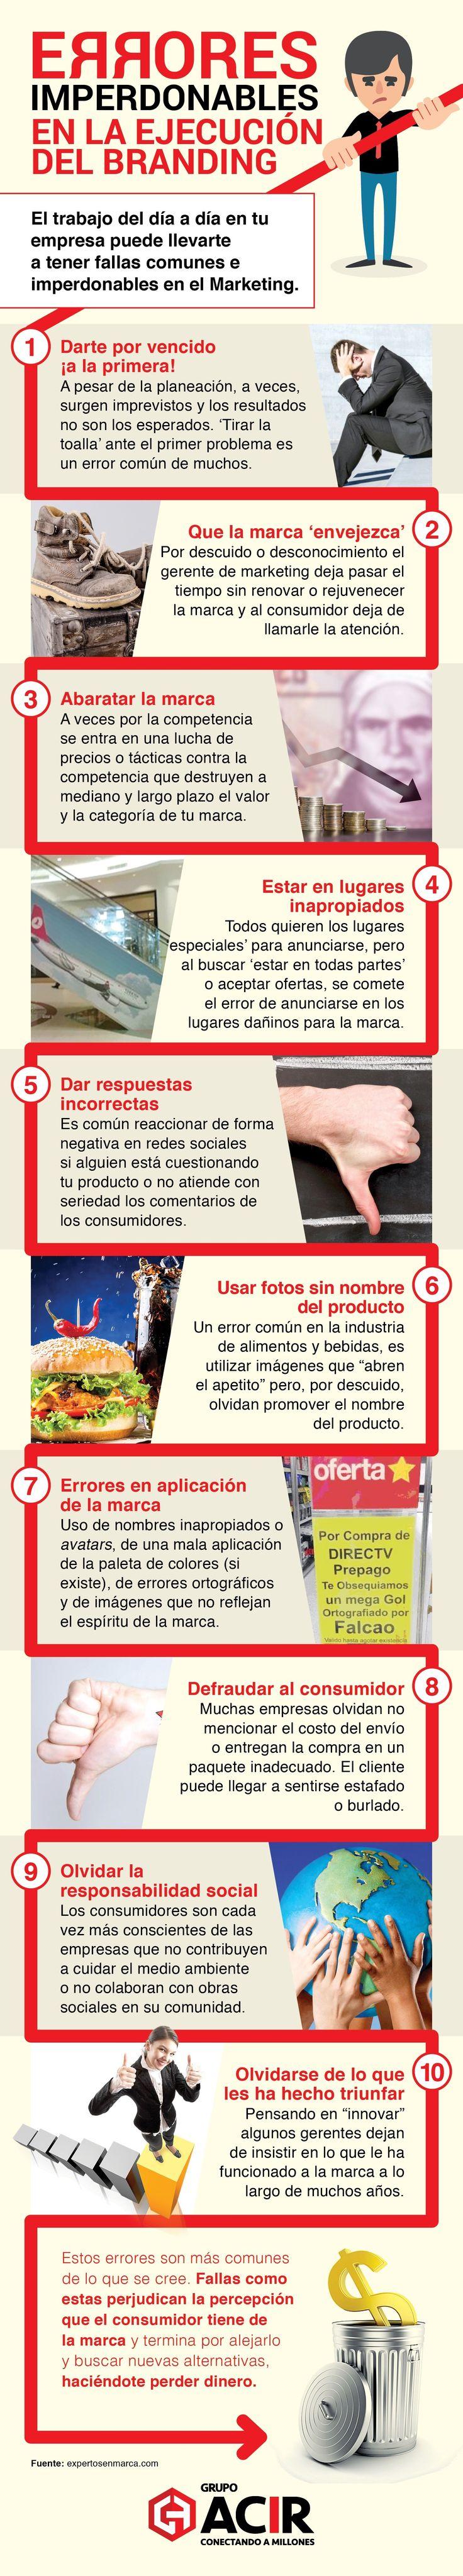 10 errores imperdonables en la ejecución del branding #SocialMedia #Branding